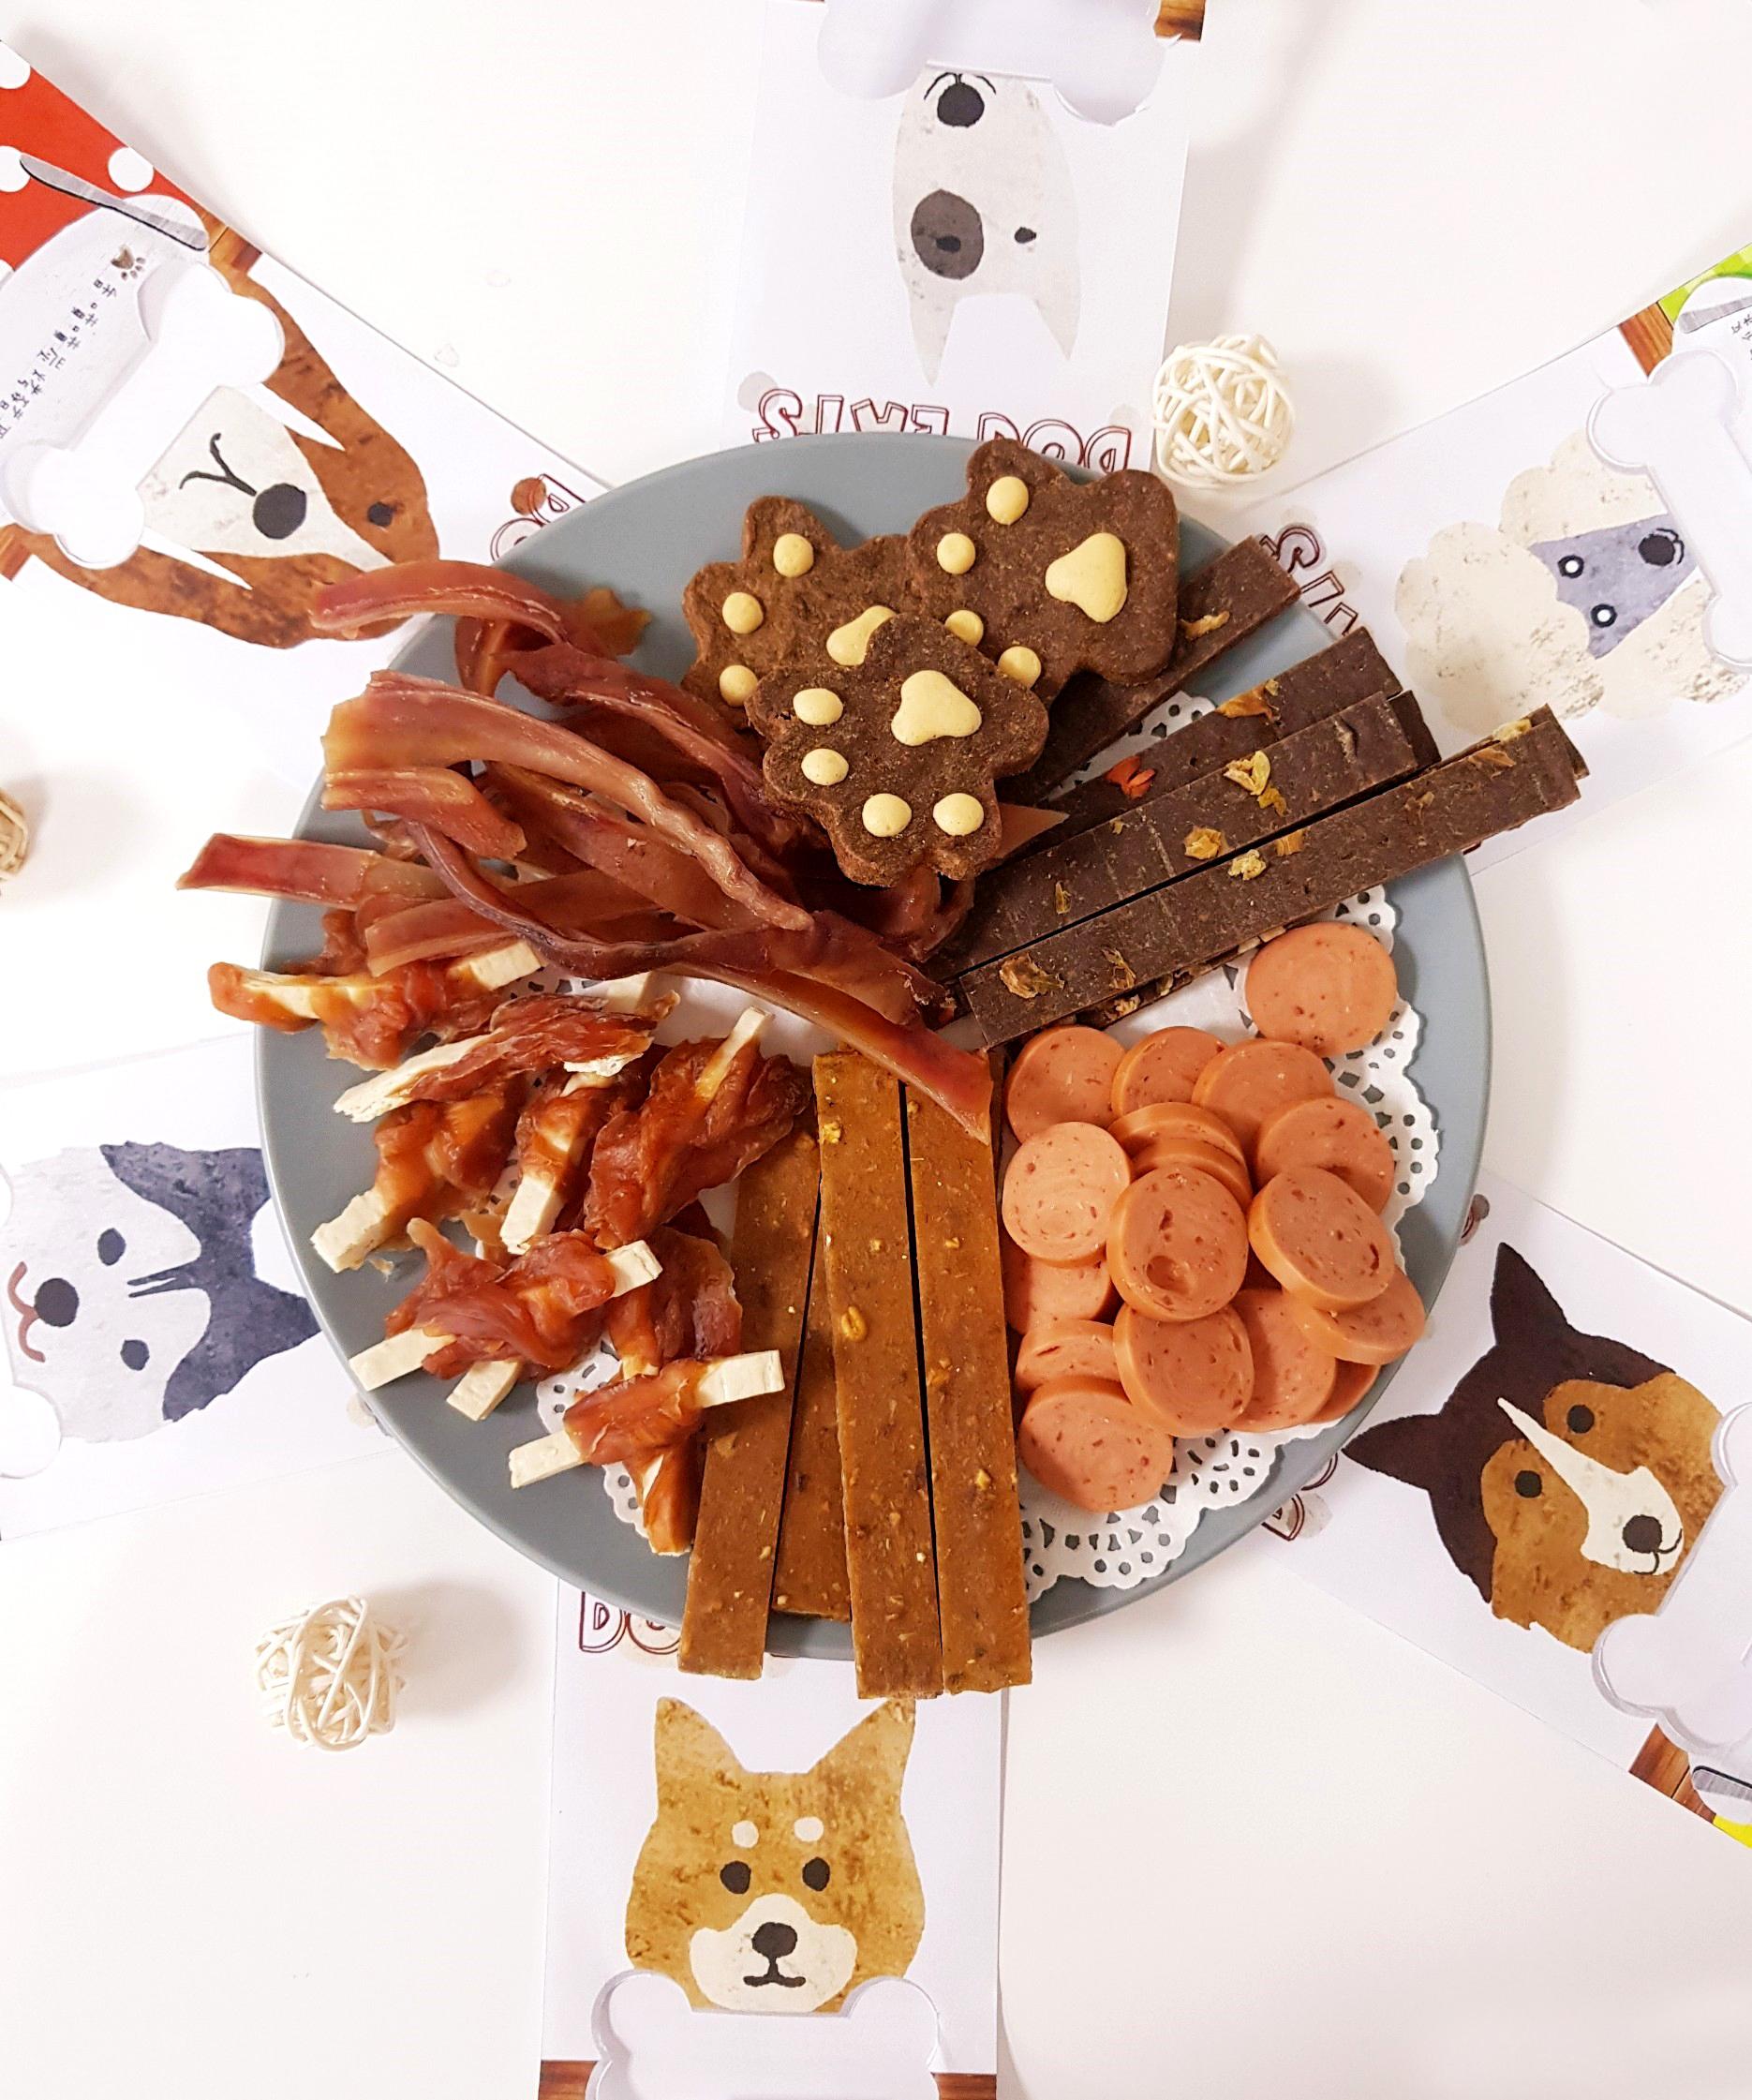 貓狗寵物零食推薦!狗狗貓貓就愛這幾味!